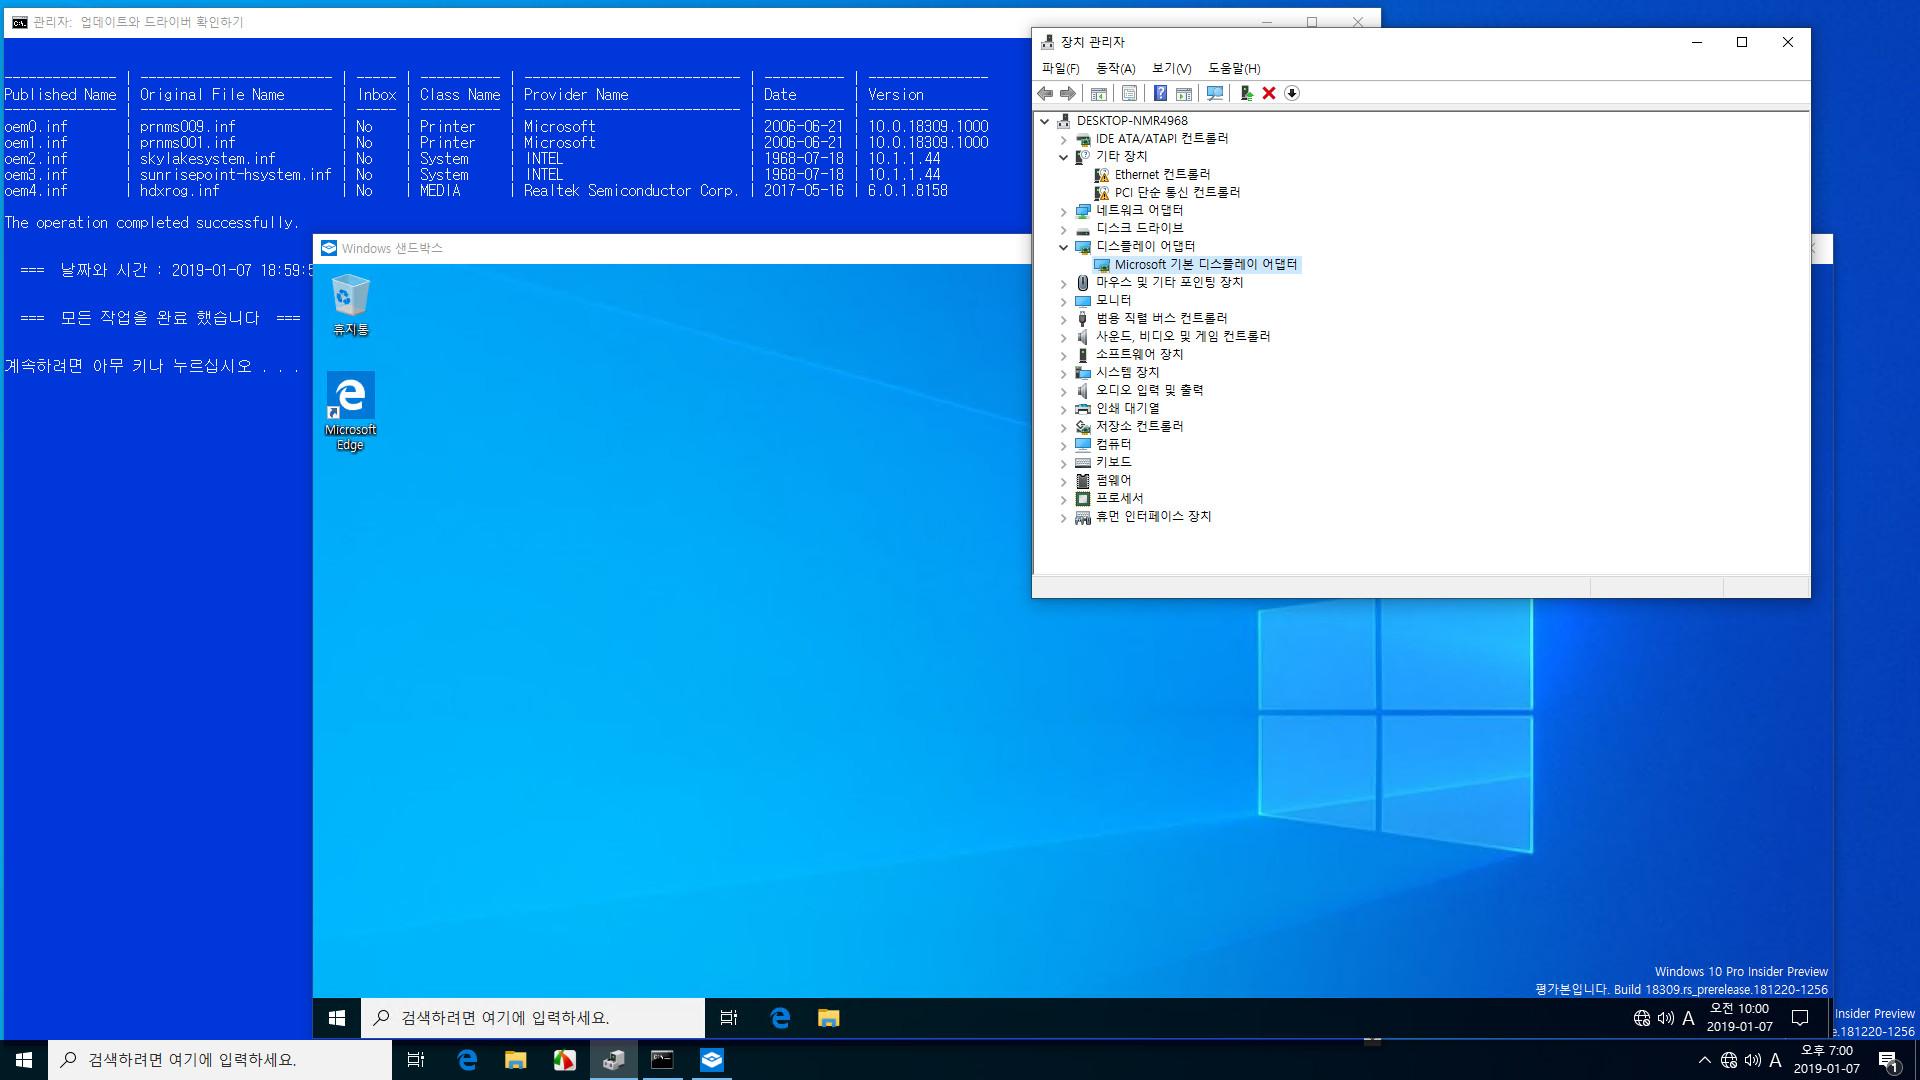 윈도10 19H1 인사이더 프리뷰 18309.1000 빌드 나왔네요 - 실컴에서 Windows Sandbox 테스트 - 어떤 드라이버가 충돌을 일으키는지 확인 테스트4 [윈도에 내장된 랜드라이버 제거] - 3번째 for 구문과 사용권한 획득으로 내장 랜 드라이버들 삭제 성공함 2019-01-07_190035.jpg